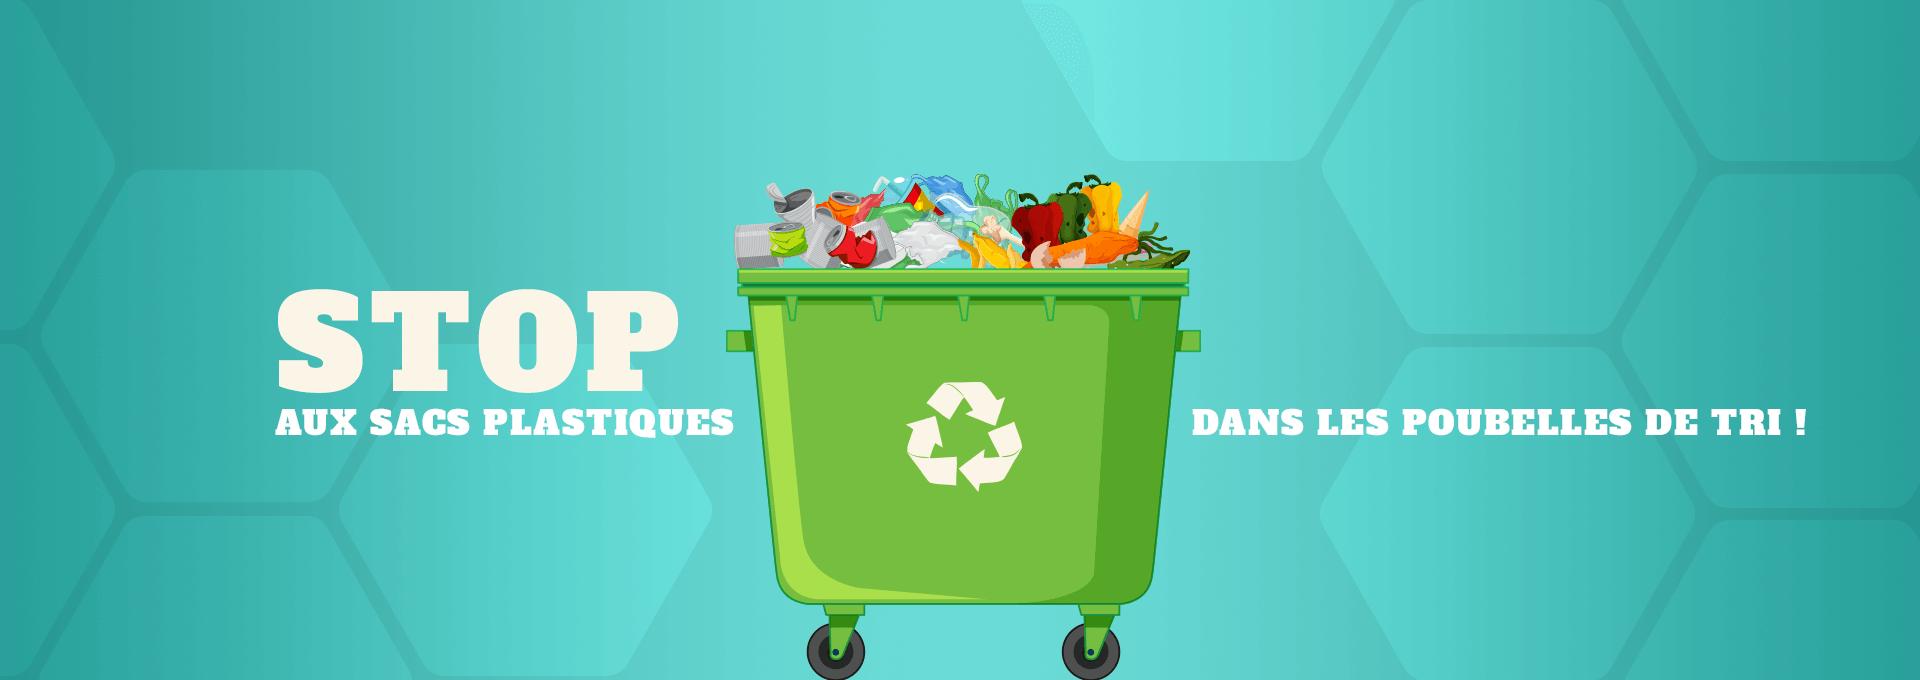 tri & déchets stop aux sacs plastiques poubelles de tri